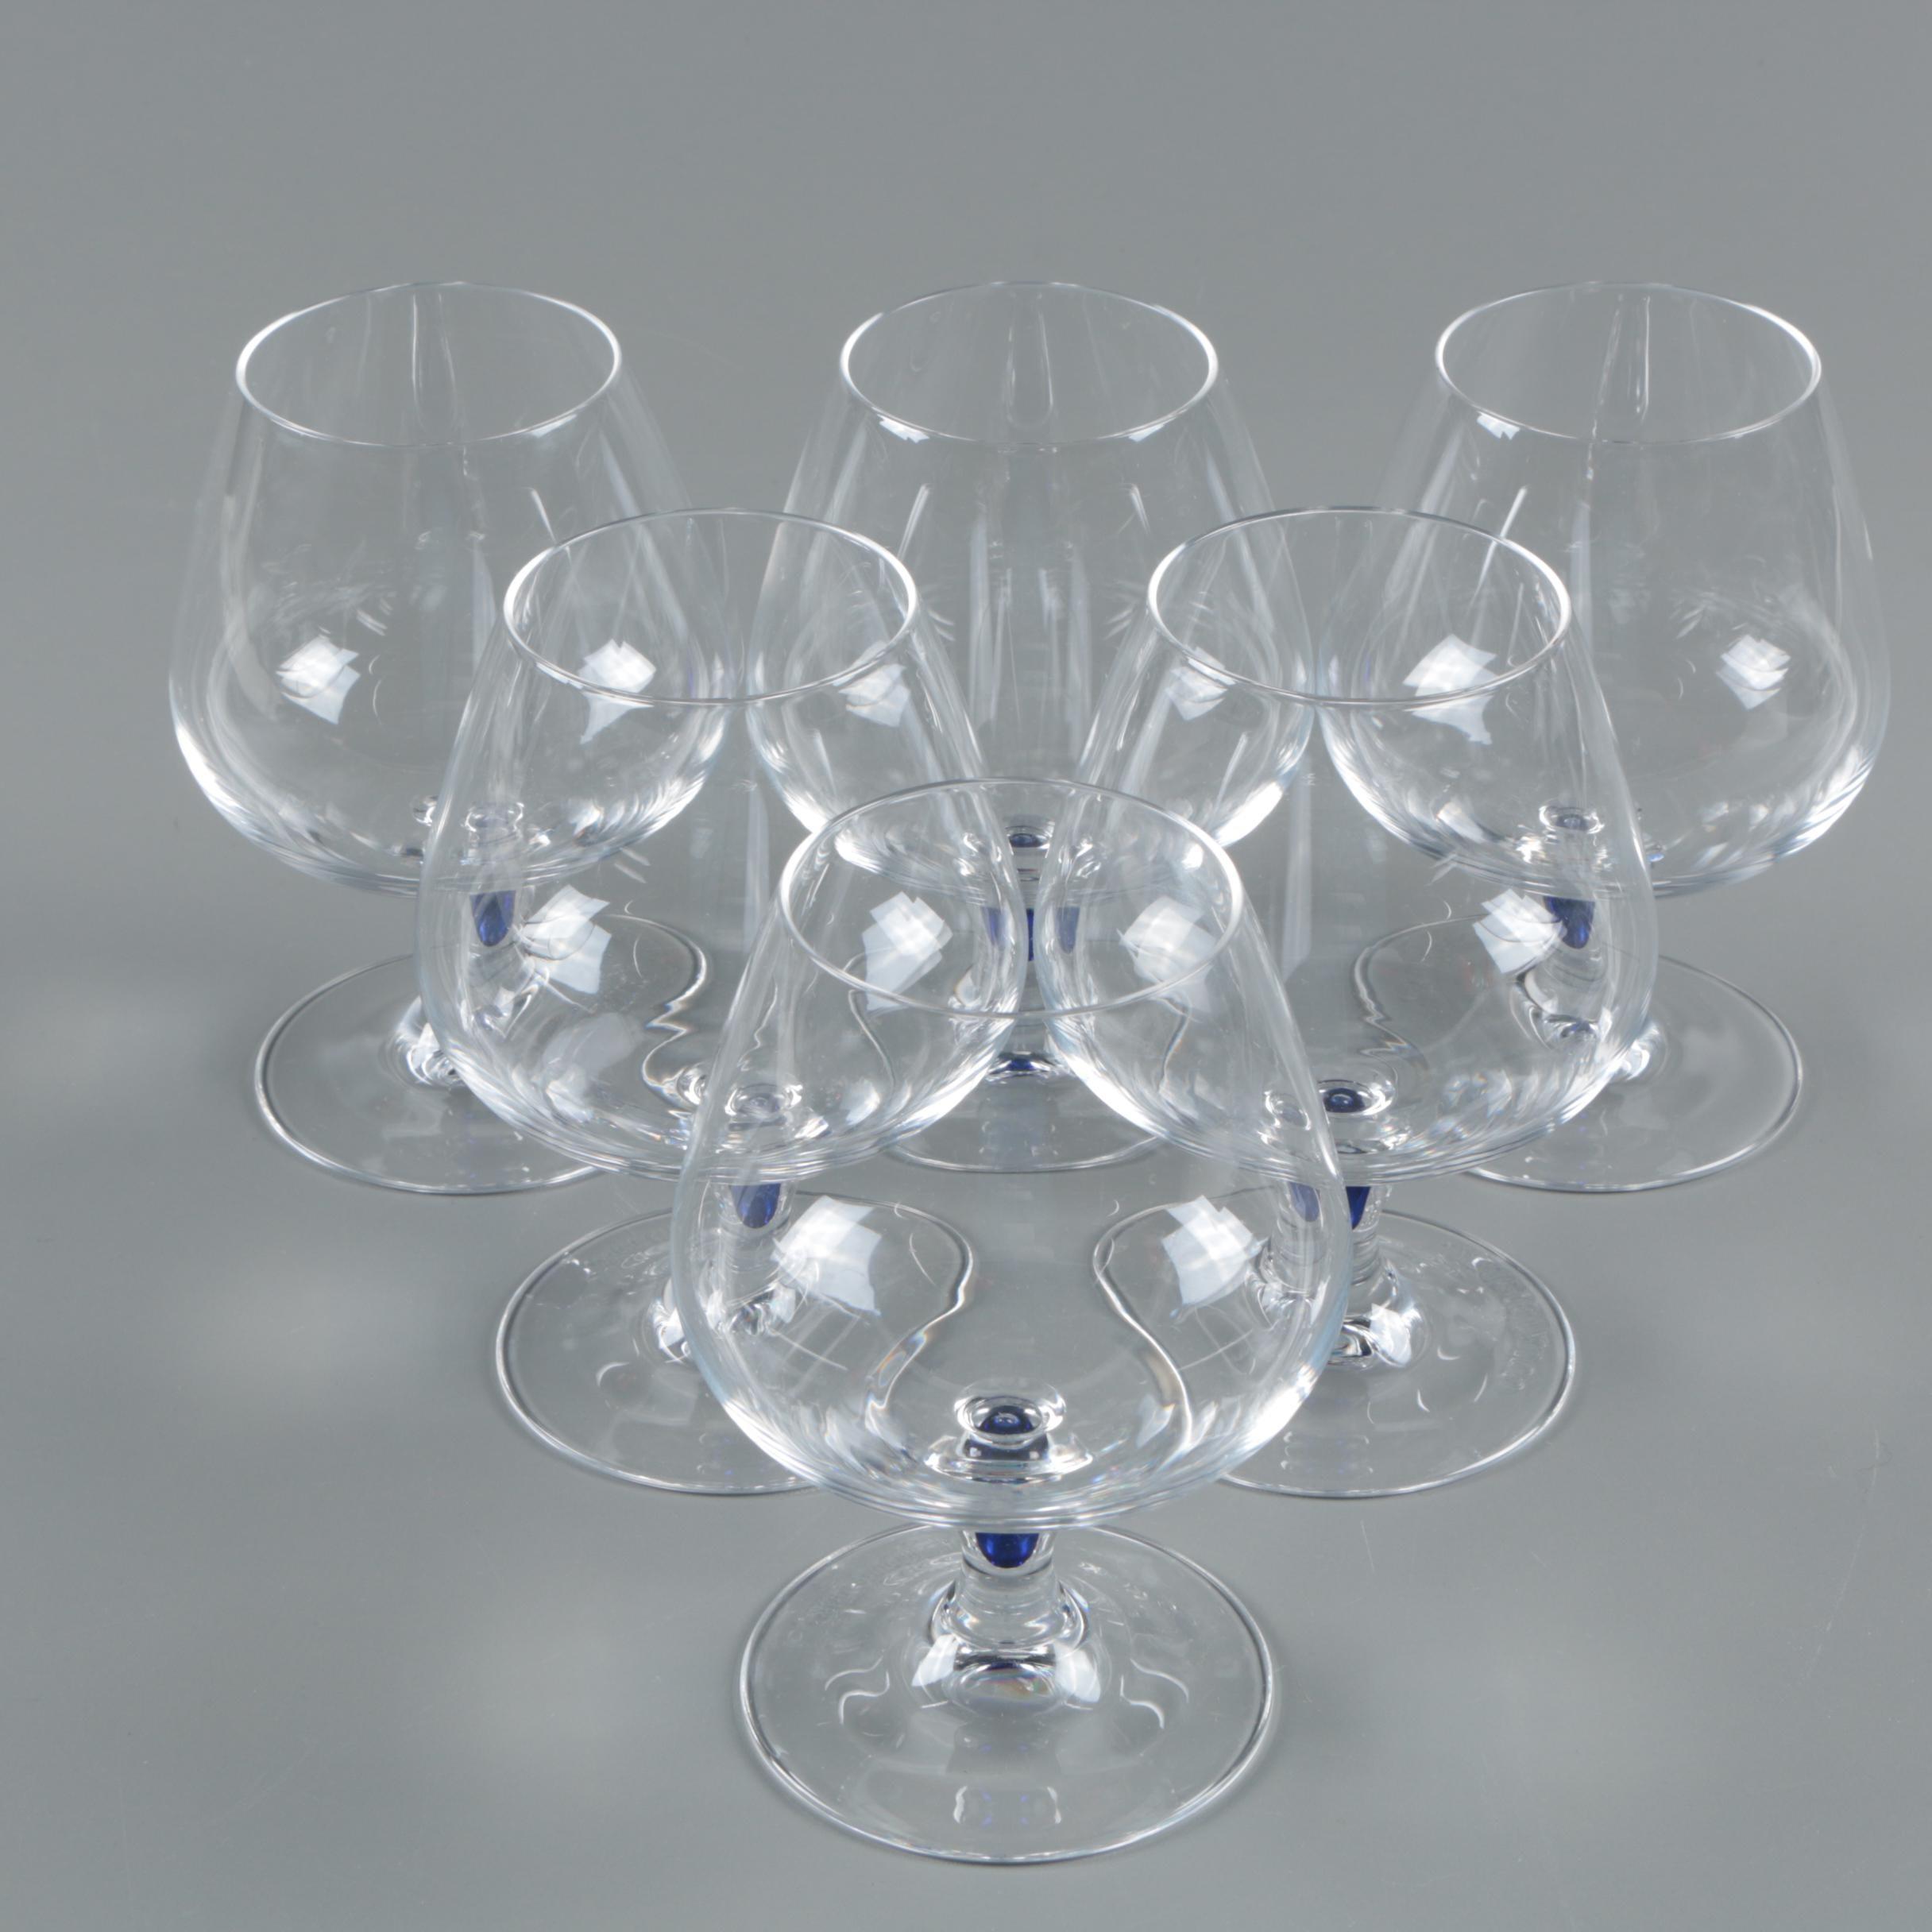 Courvoisier Cognac Snifter Glasses with Cobalt Bubble Accents